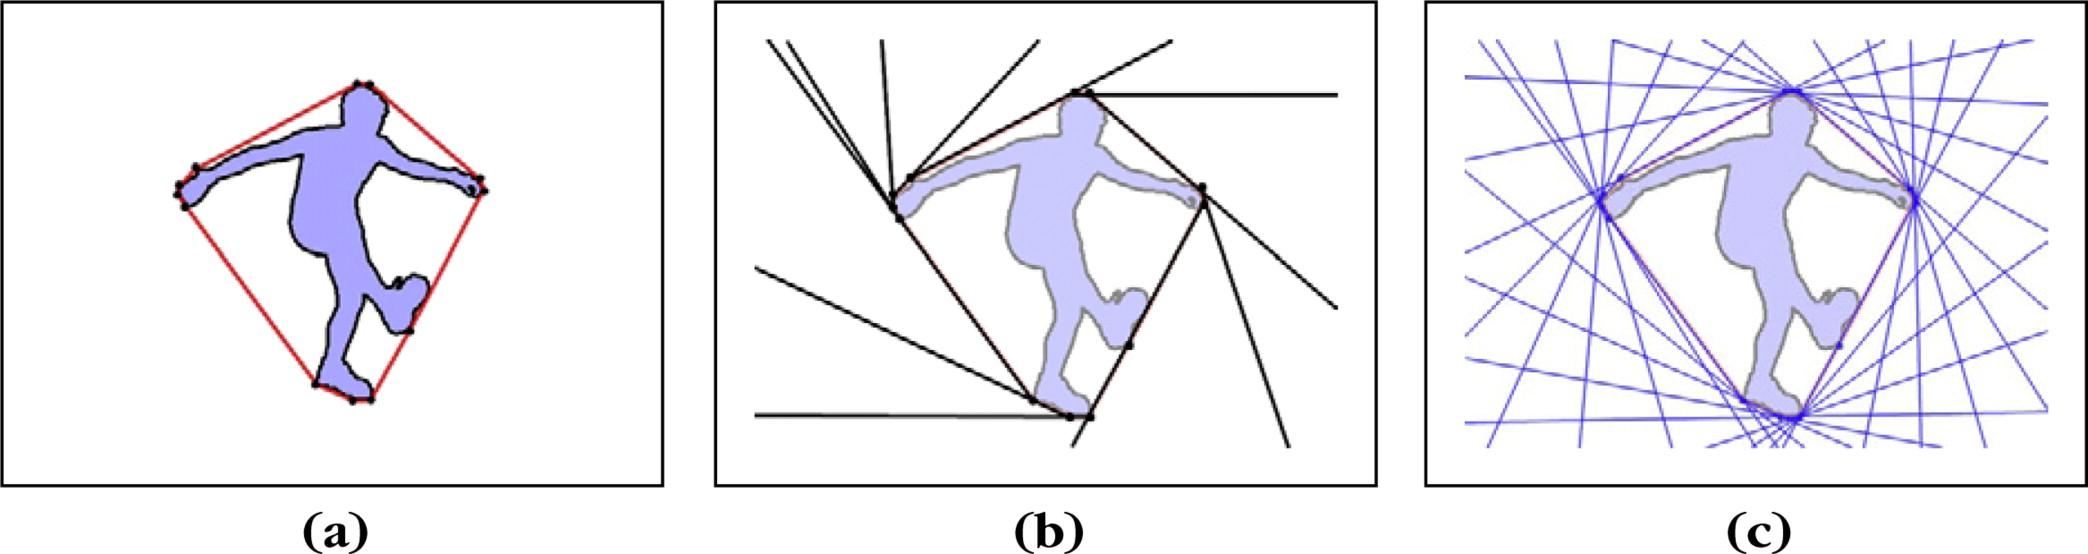 Segmentation Technique - an overview | ScienceDirect Topics